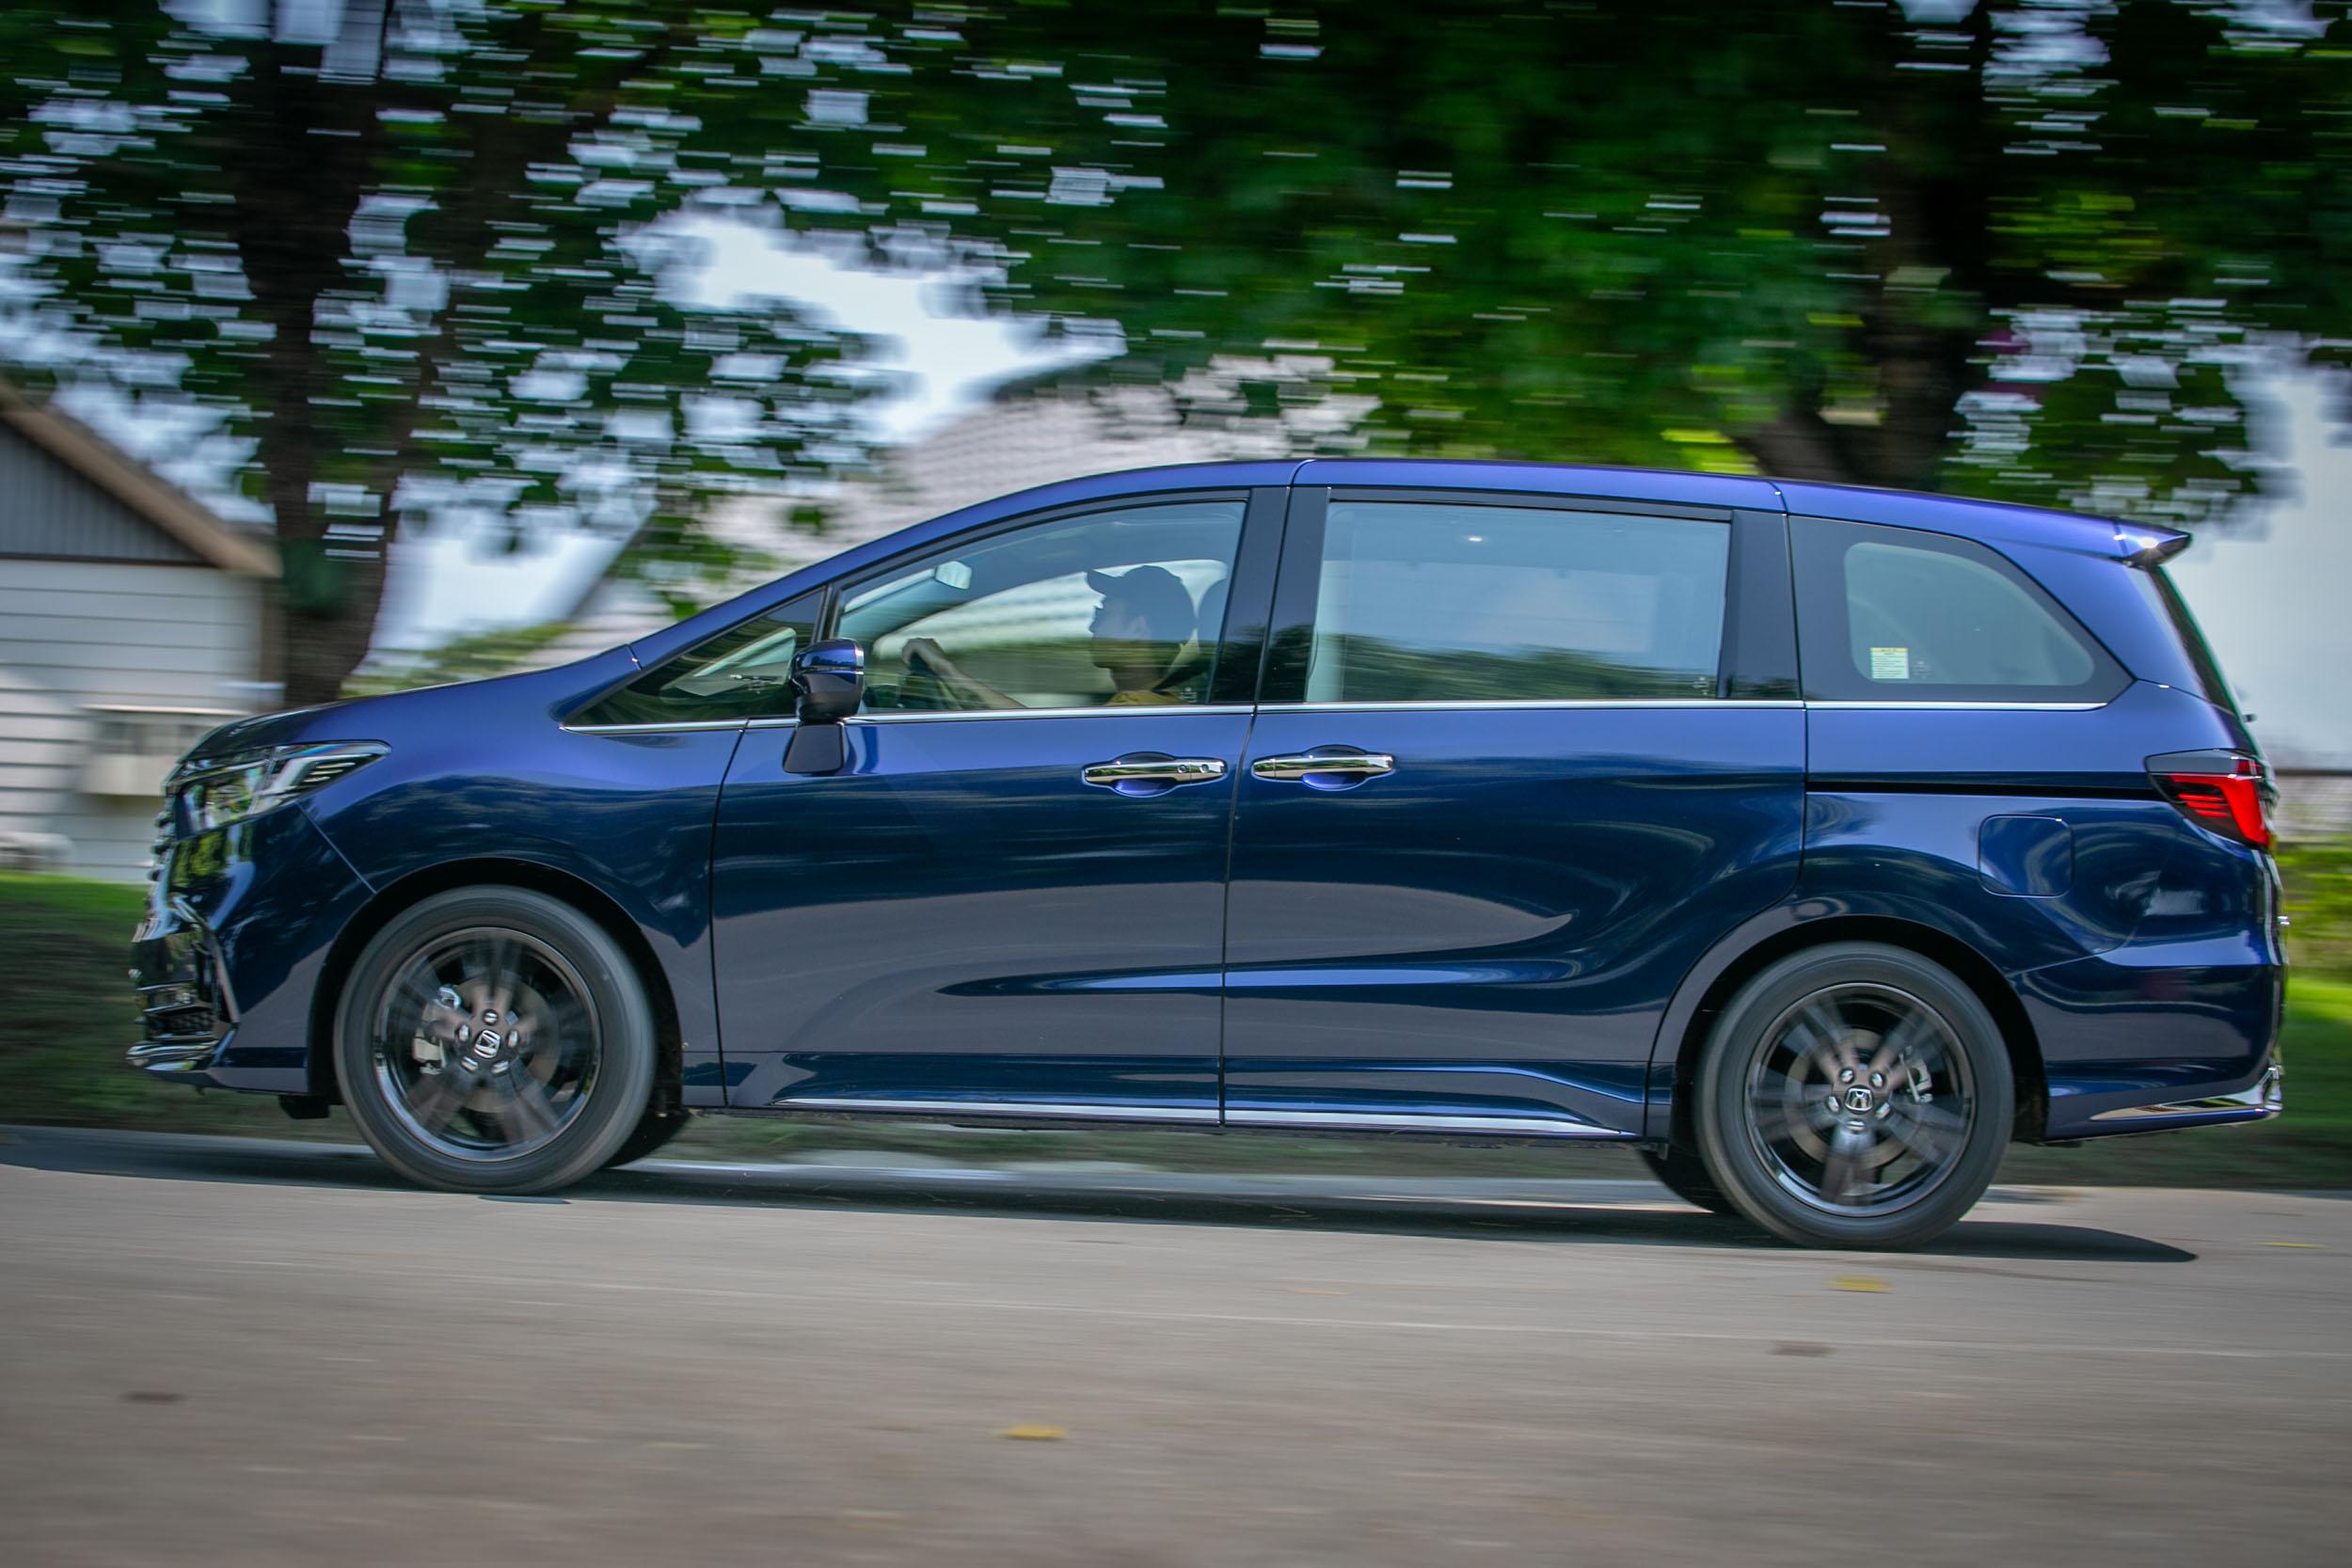 隔音表現主要強化在輪胎滾動噪音的隔絕,上半部的風切聲抑制仍有進步空間。